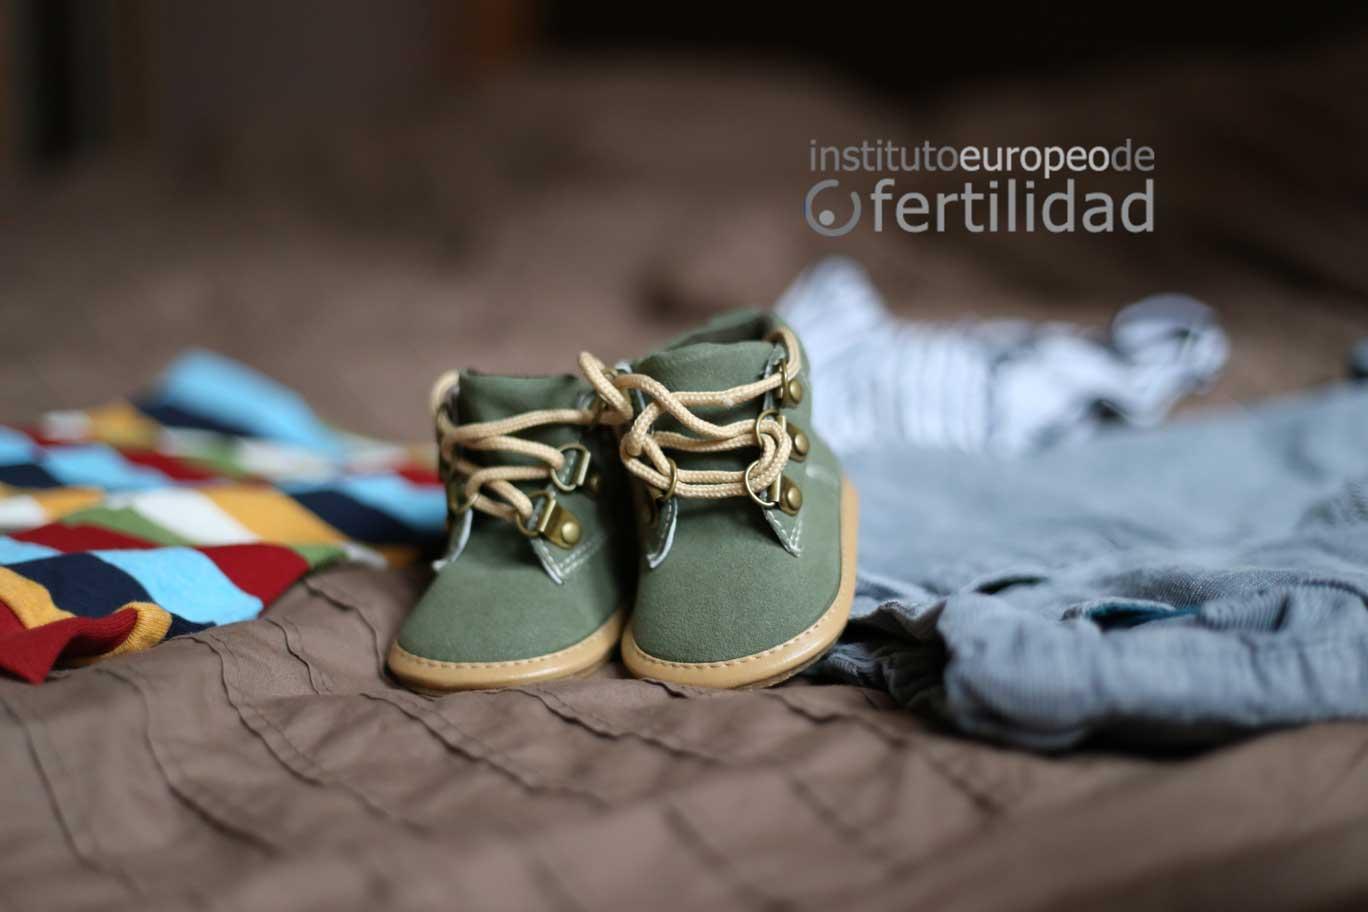 fertilidad-femenina-transplante-de-utero-y-gestacion-subrogada.jpg